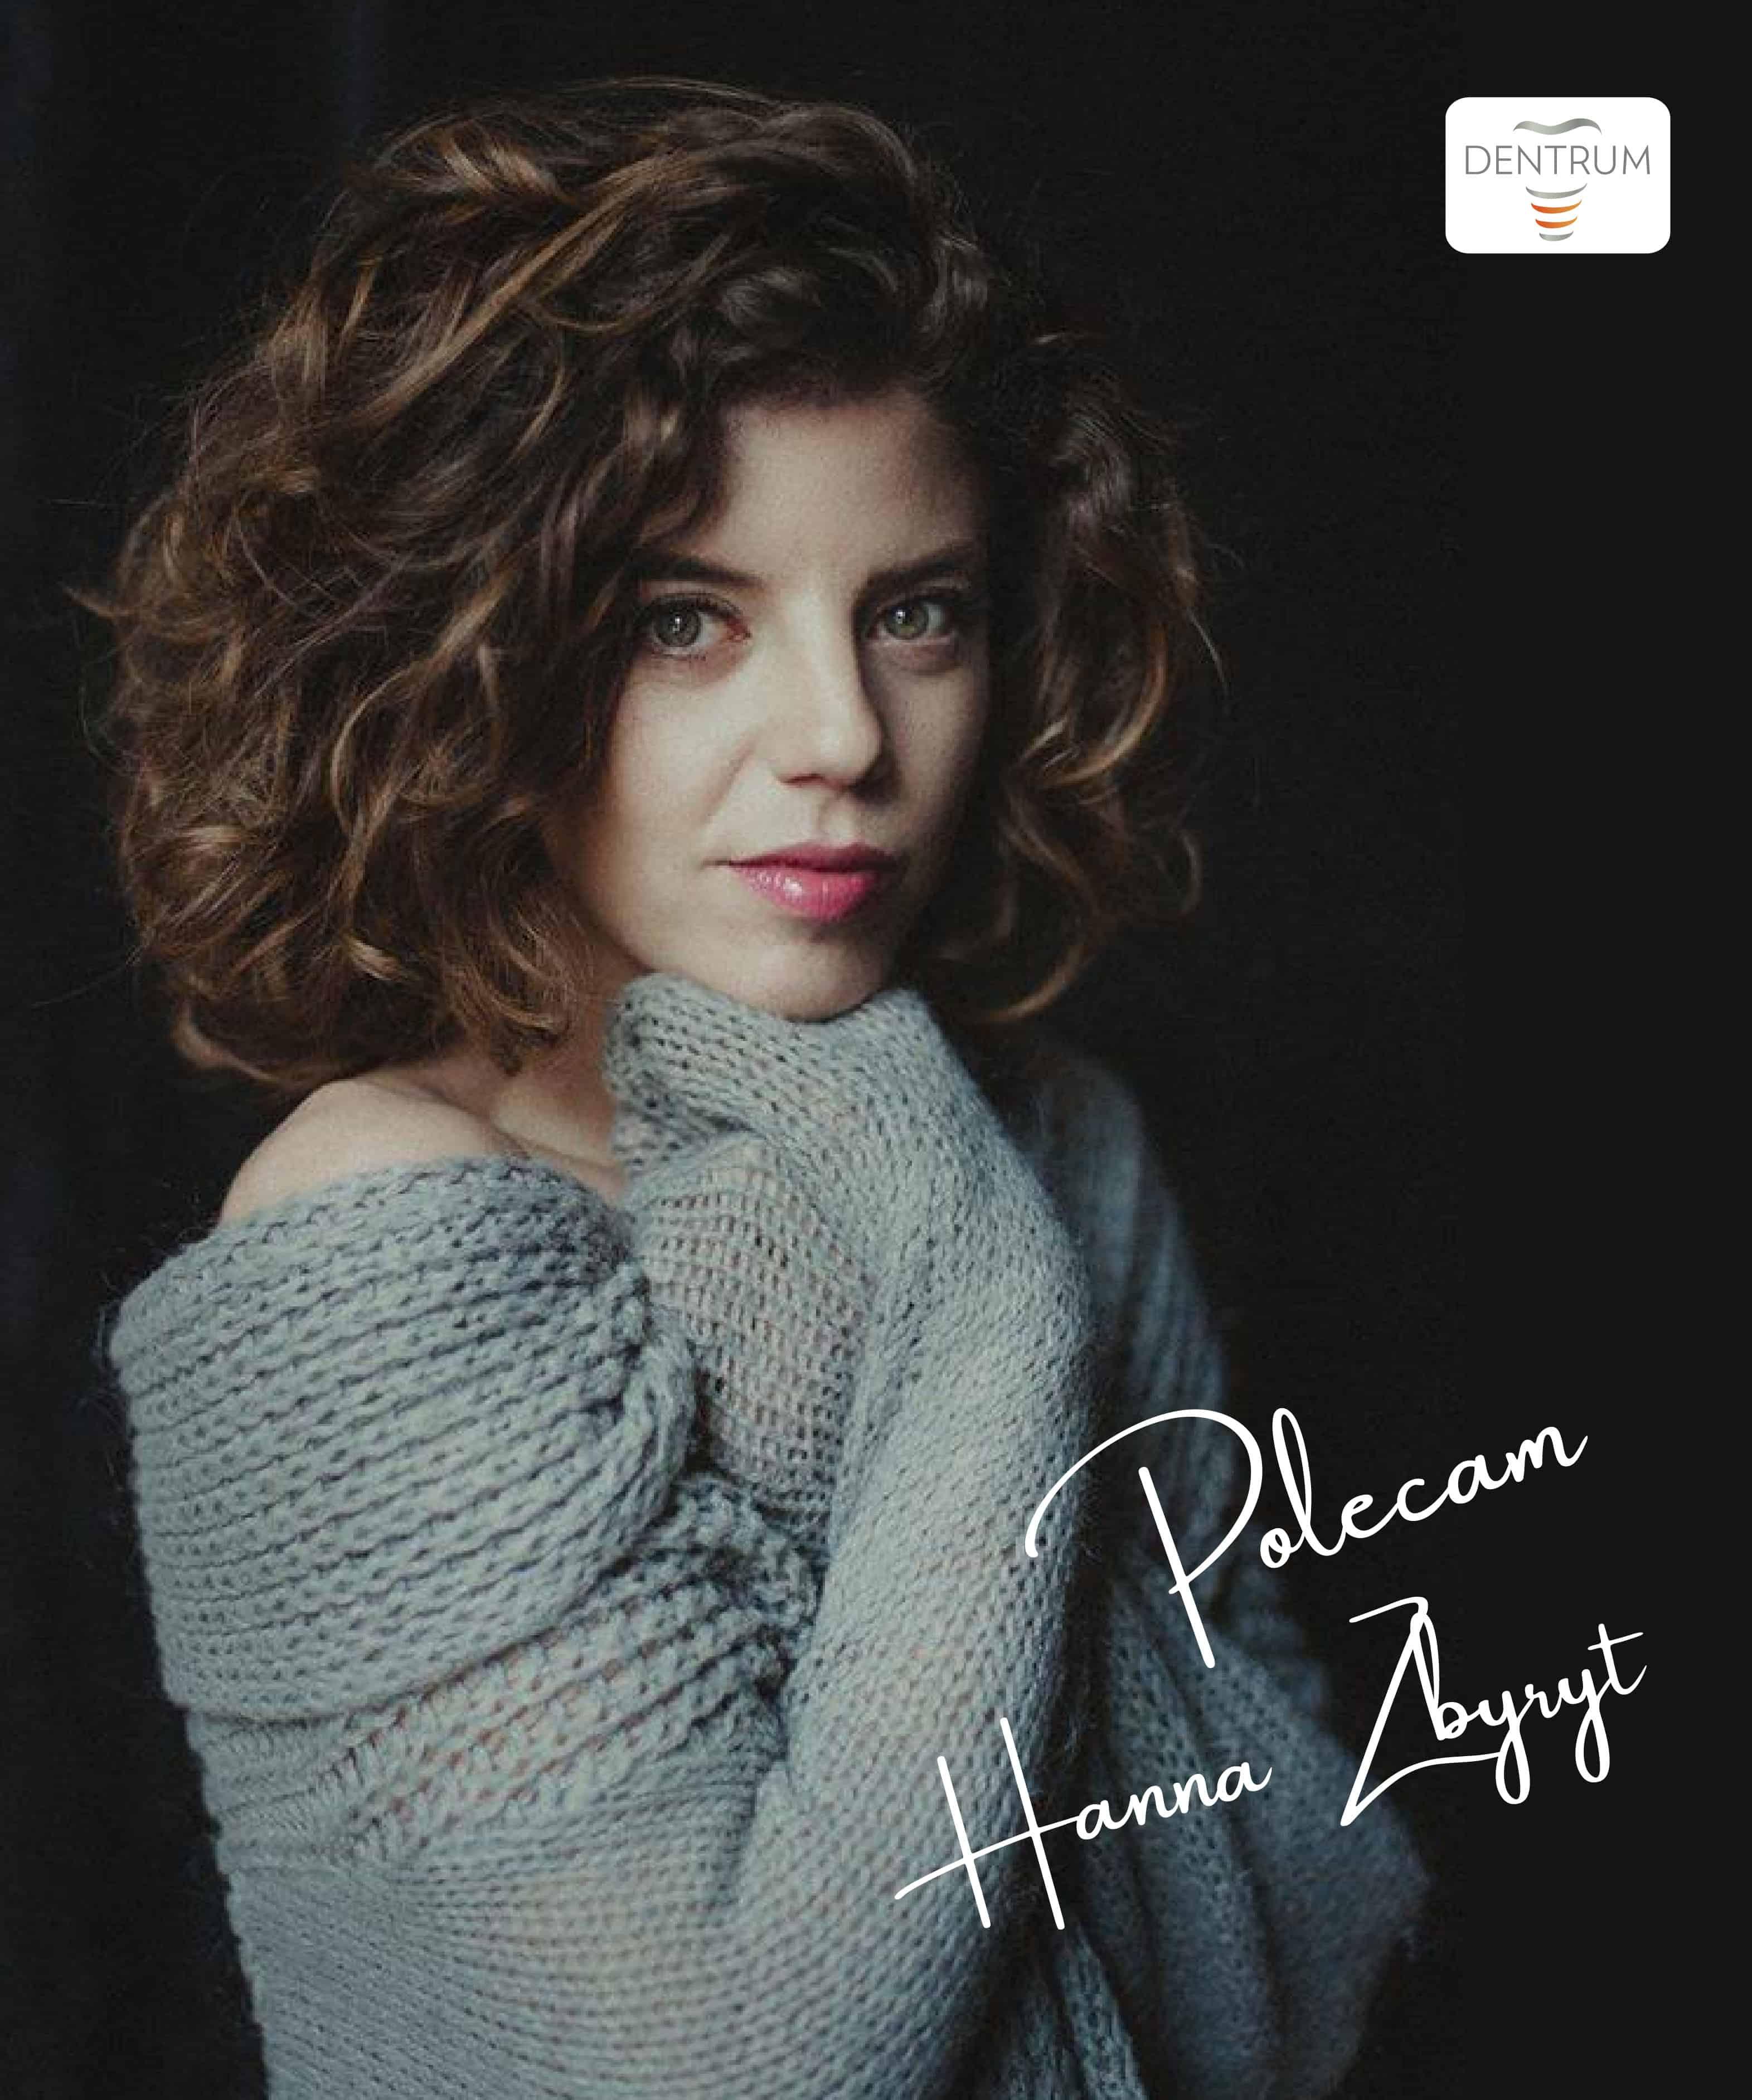 Hanna Zbyryt Poleca Zdjęcie z autografem